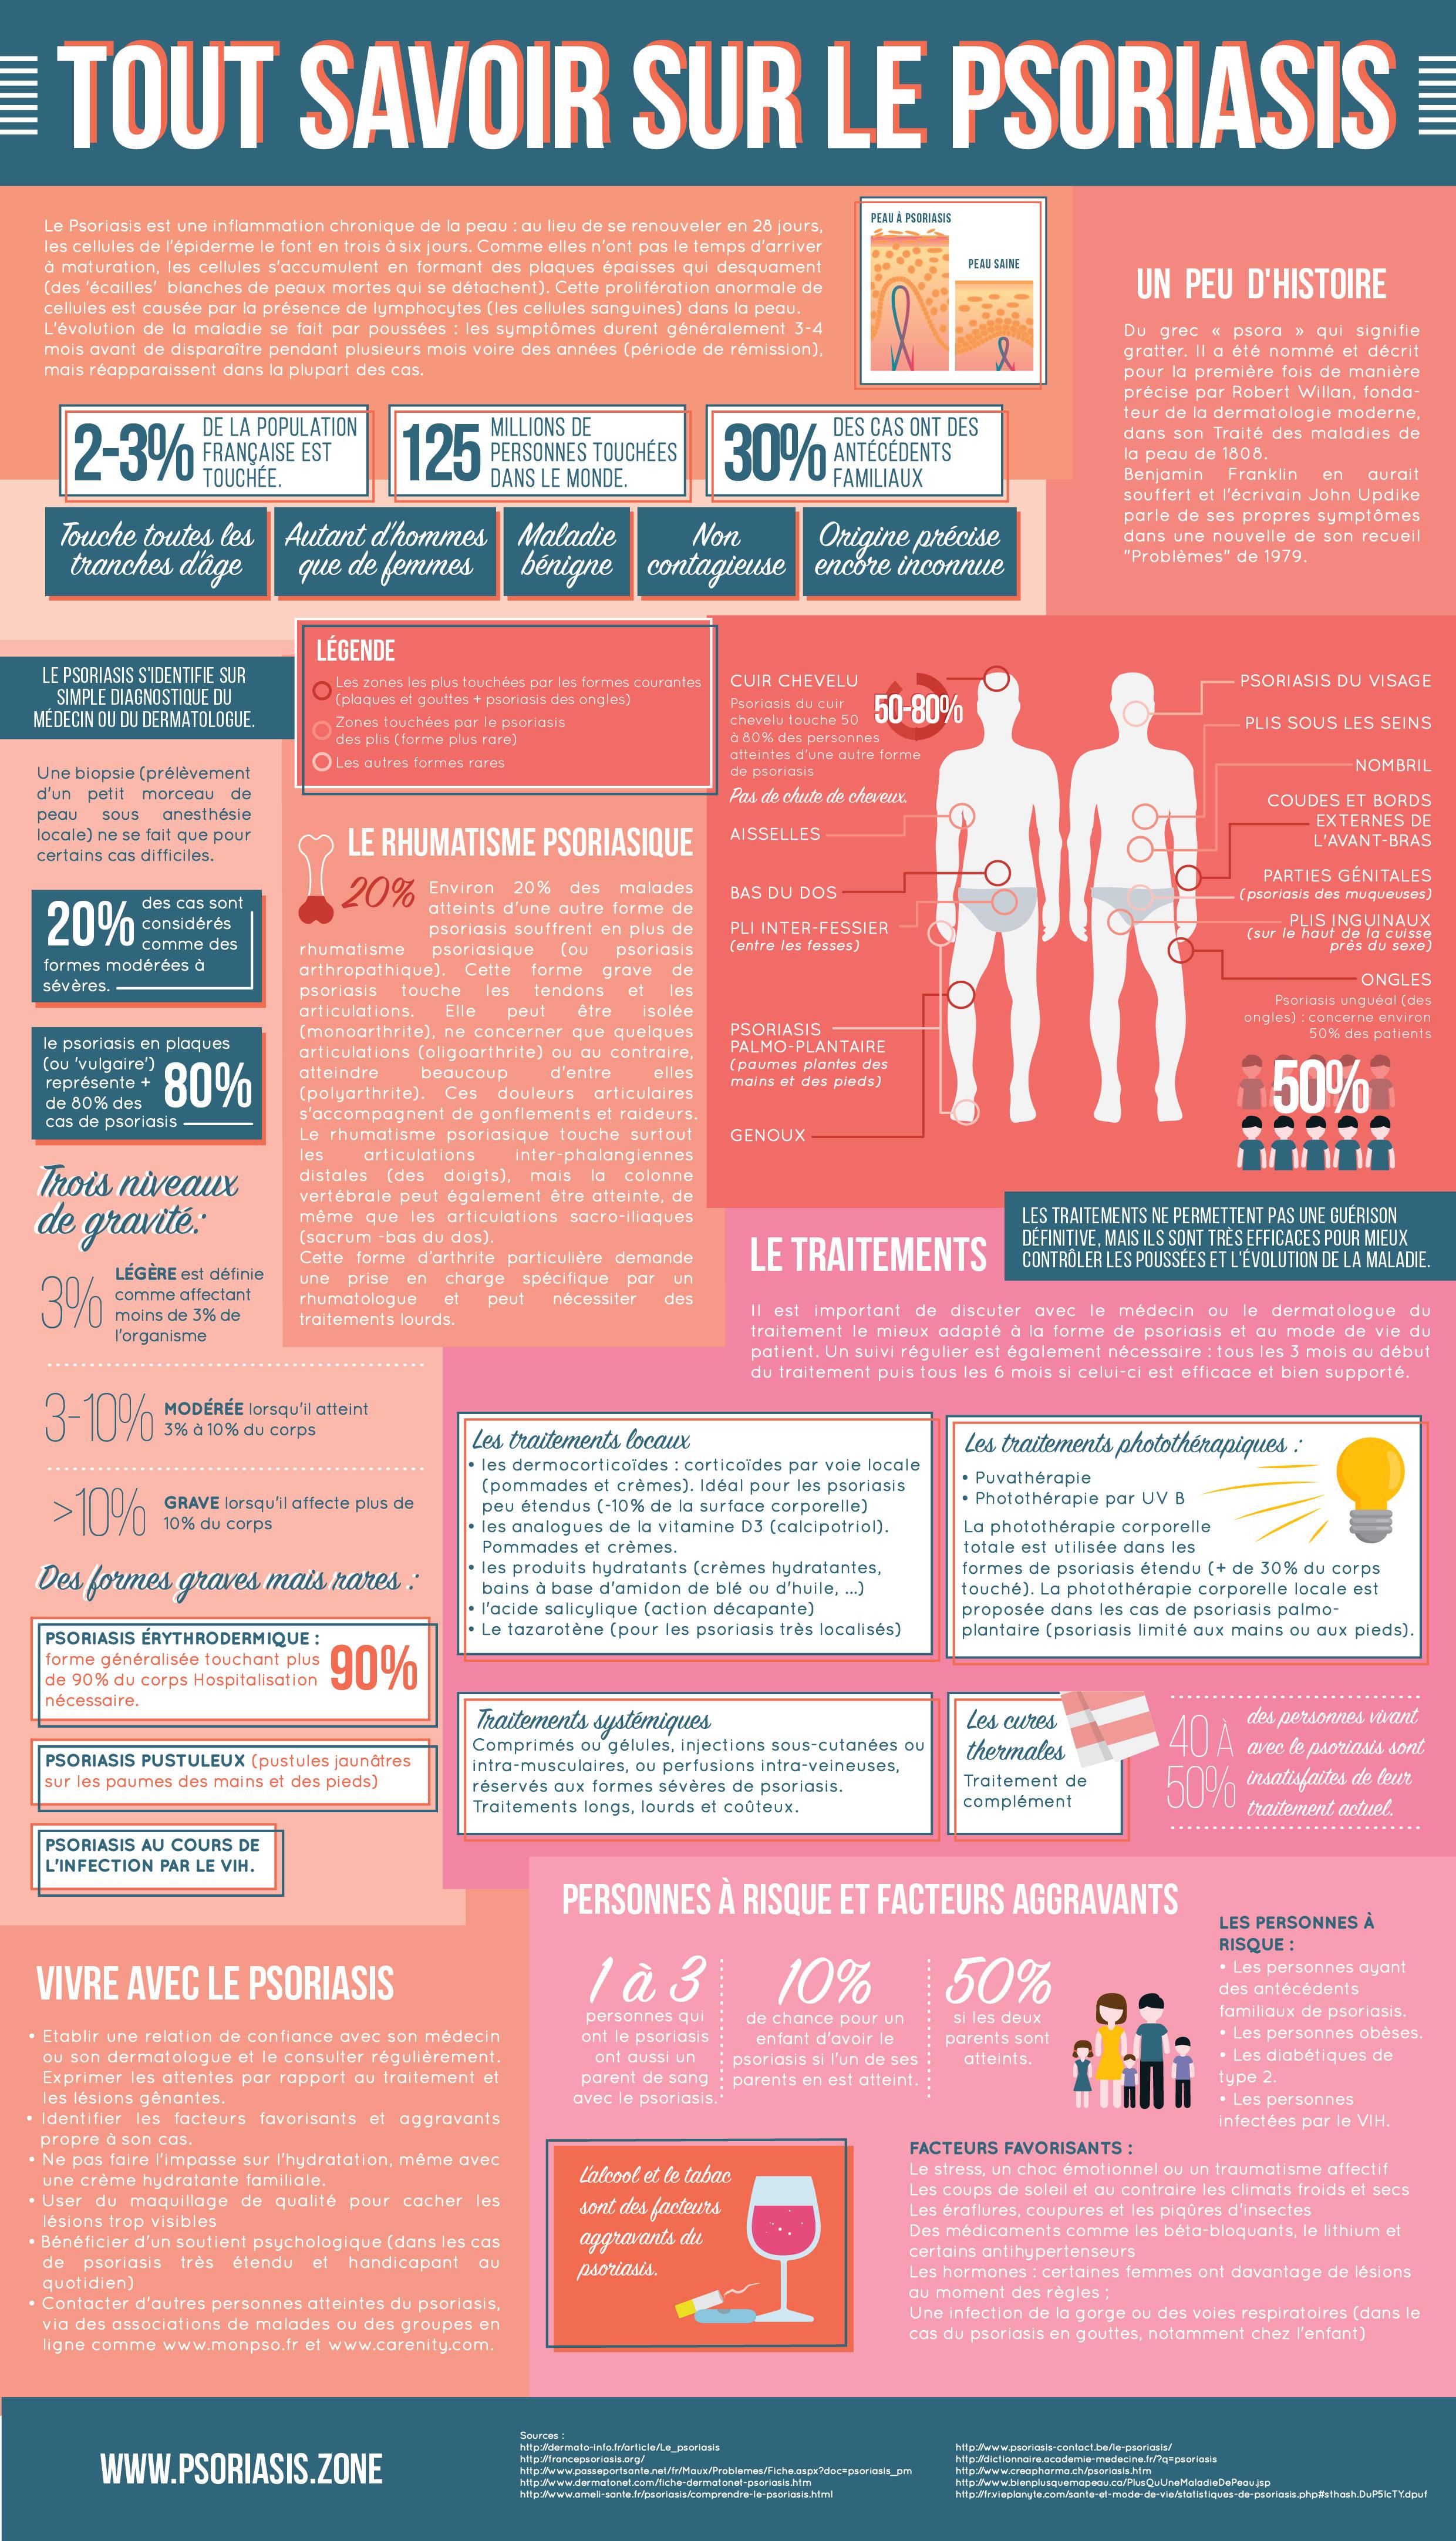 Tout savoir sur le psoriasis - Infographie